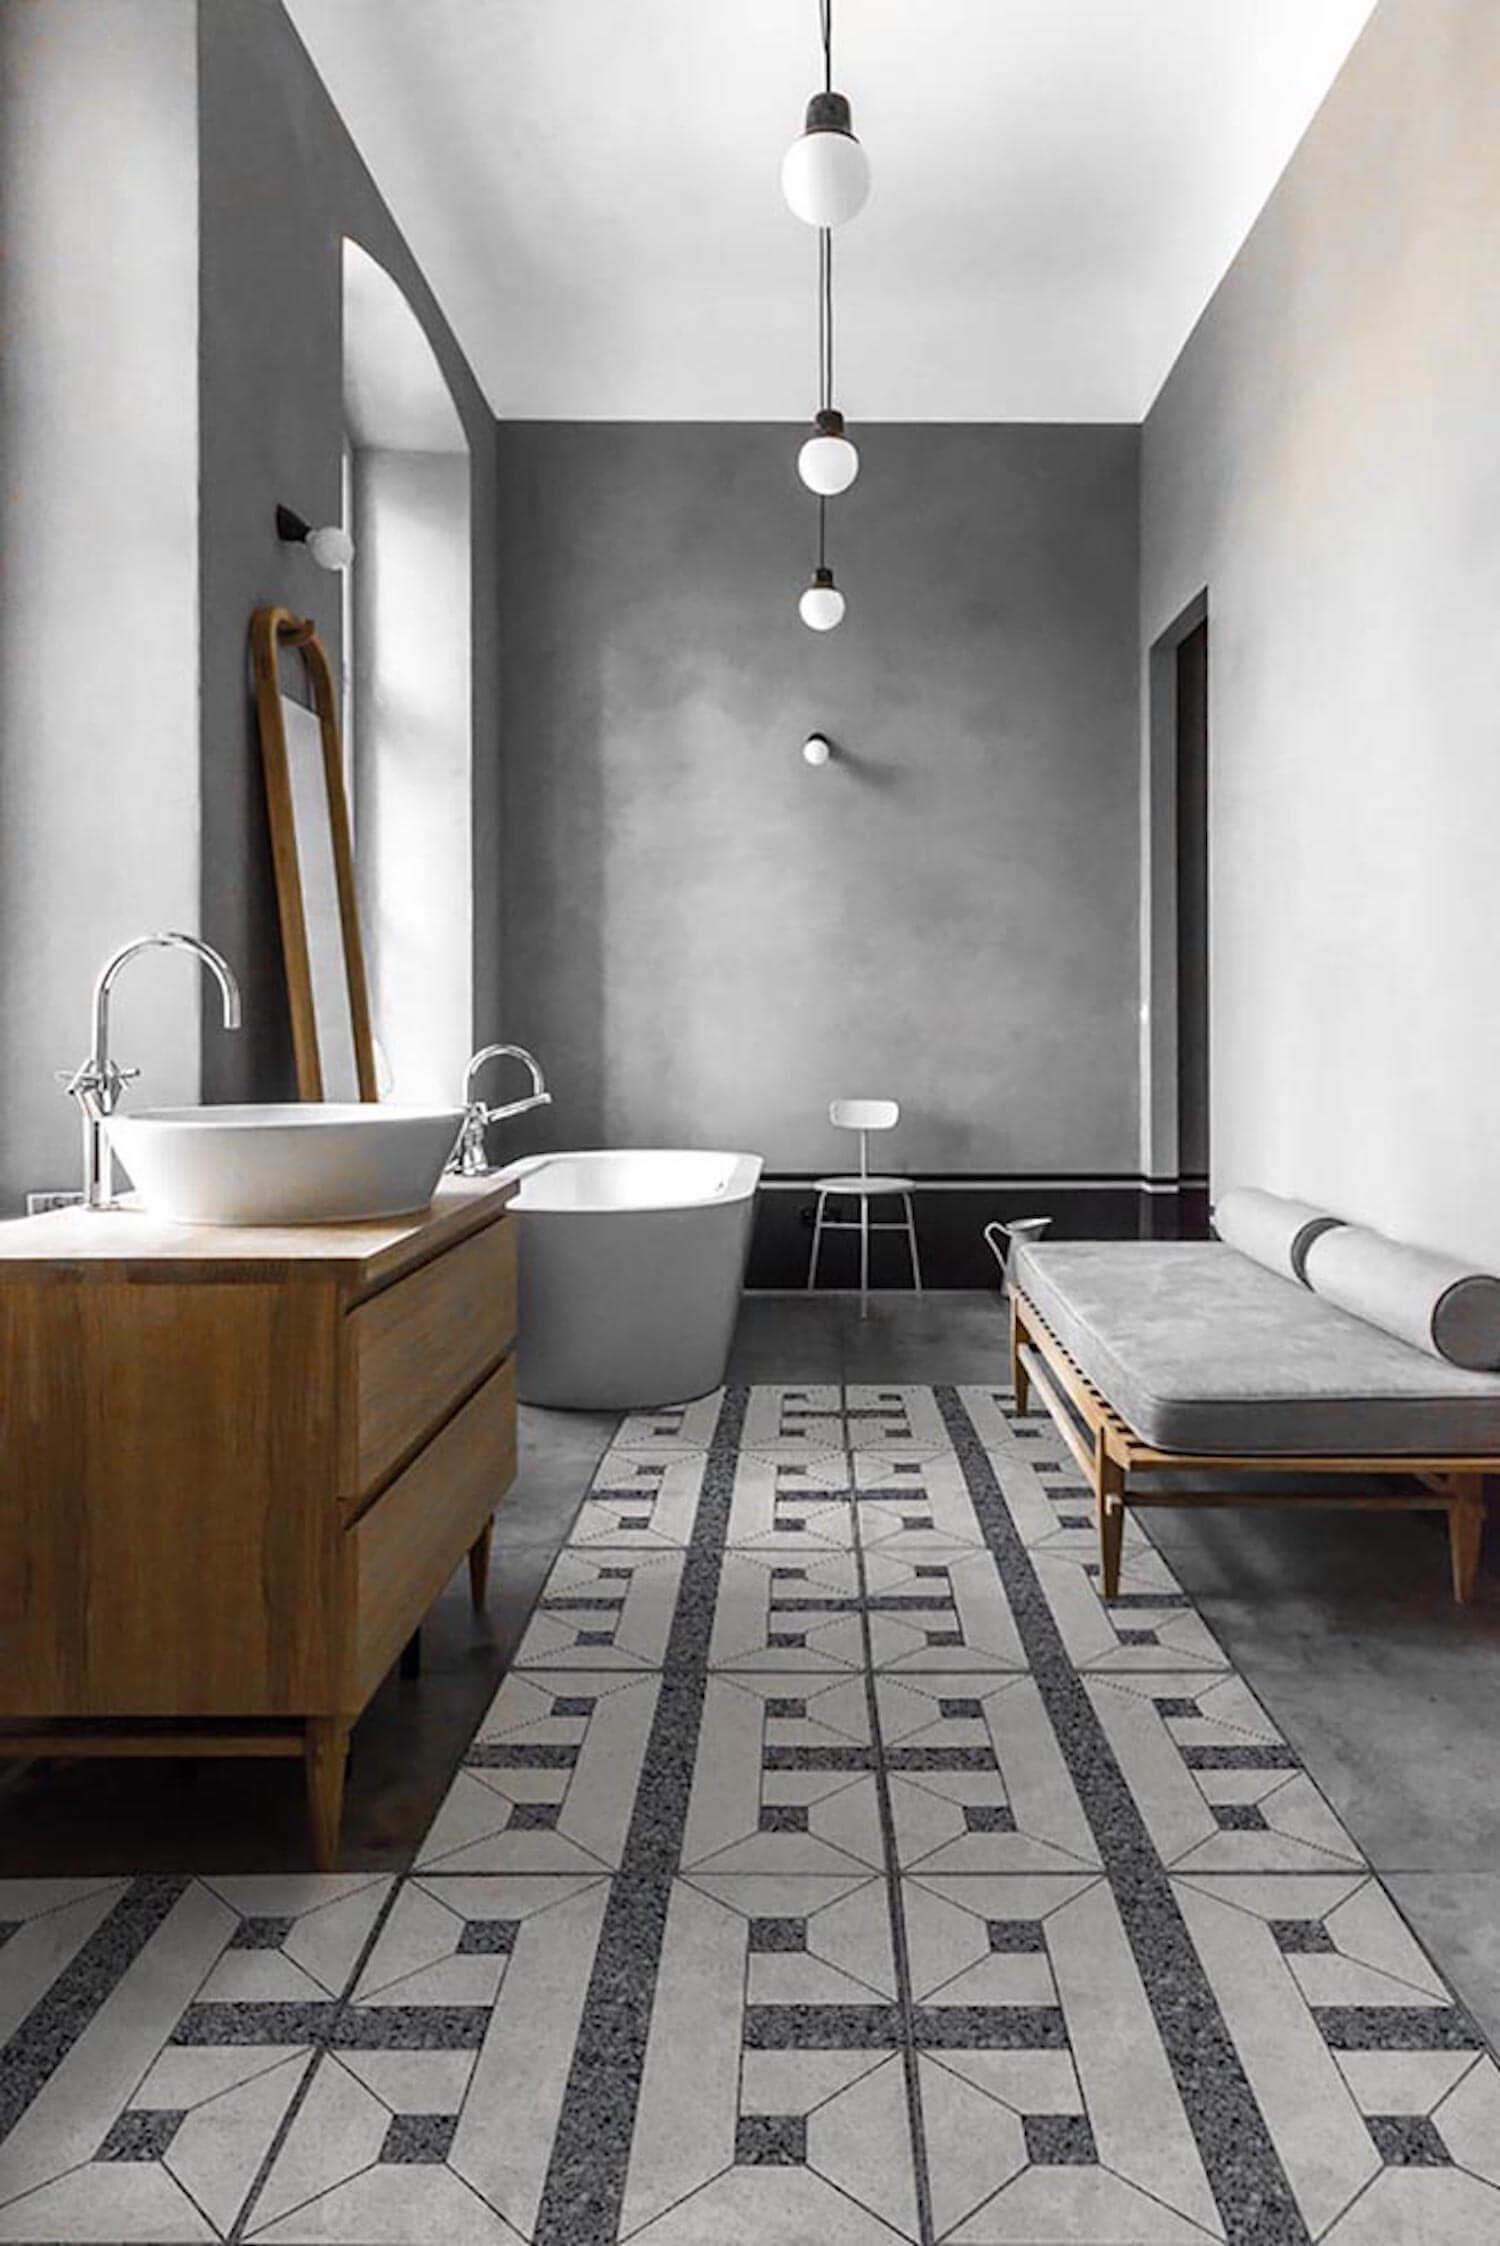 est living Northstone Terrazzo Design Tendenza Patern 3